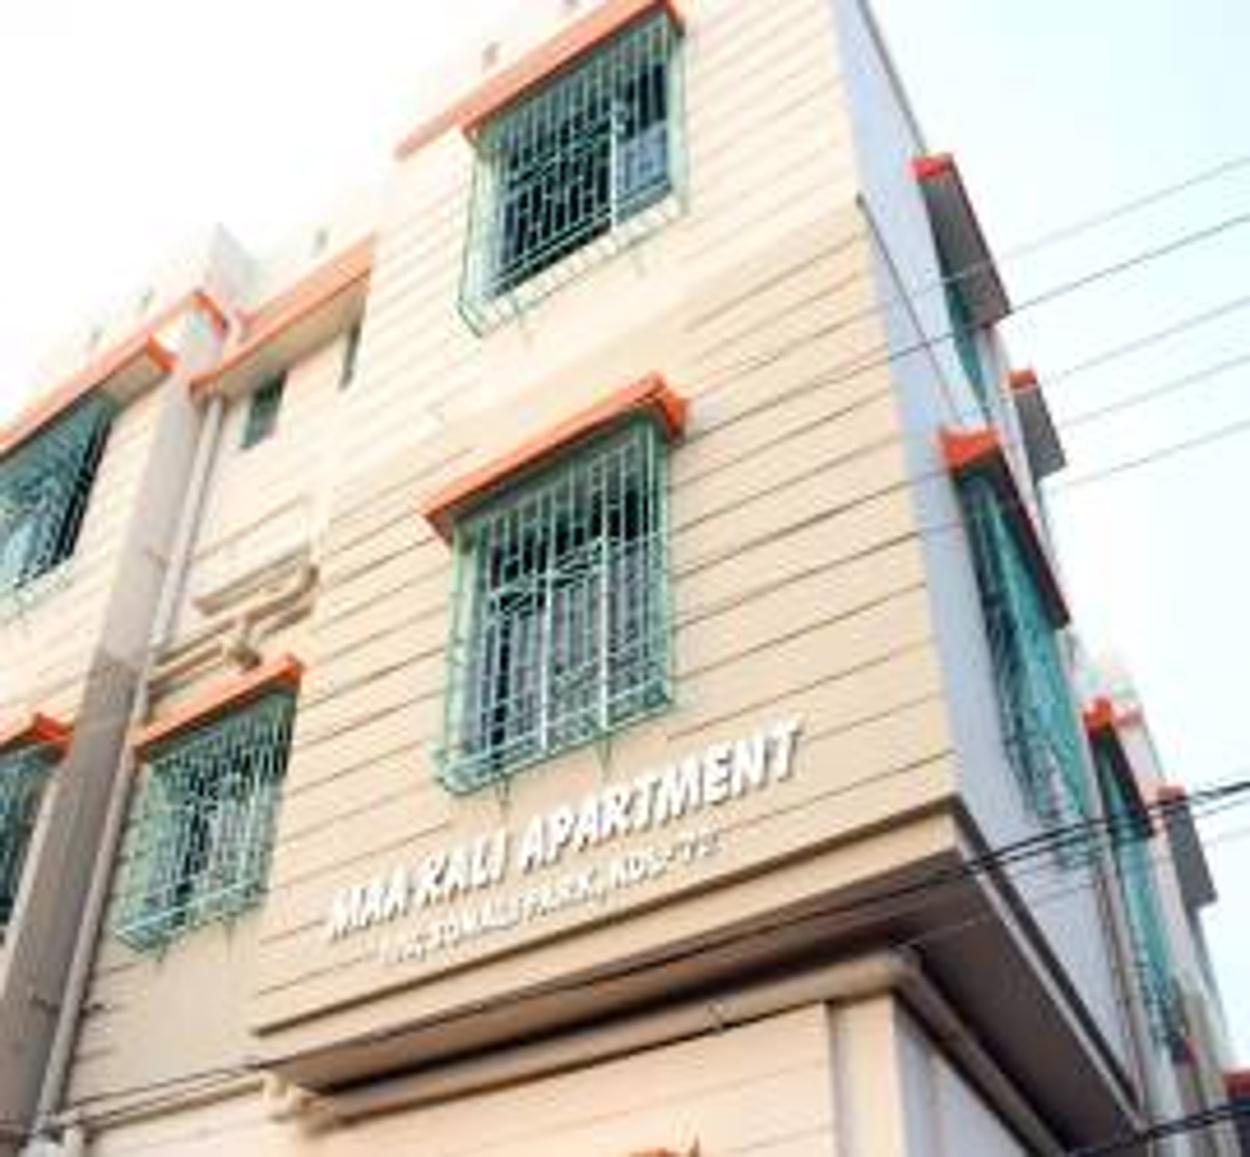 Appartment Reviews: Poddar Maa Kali Appartment In Bansdroni, Kolkata